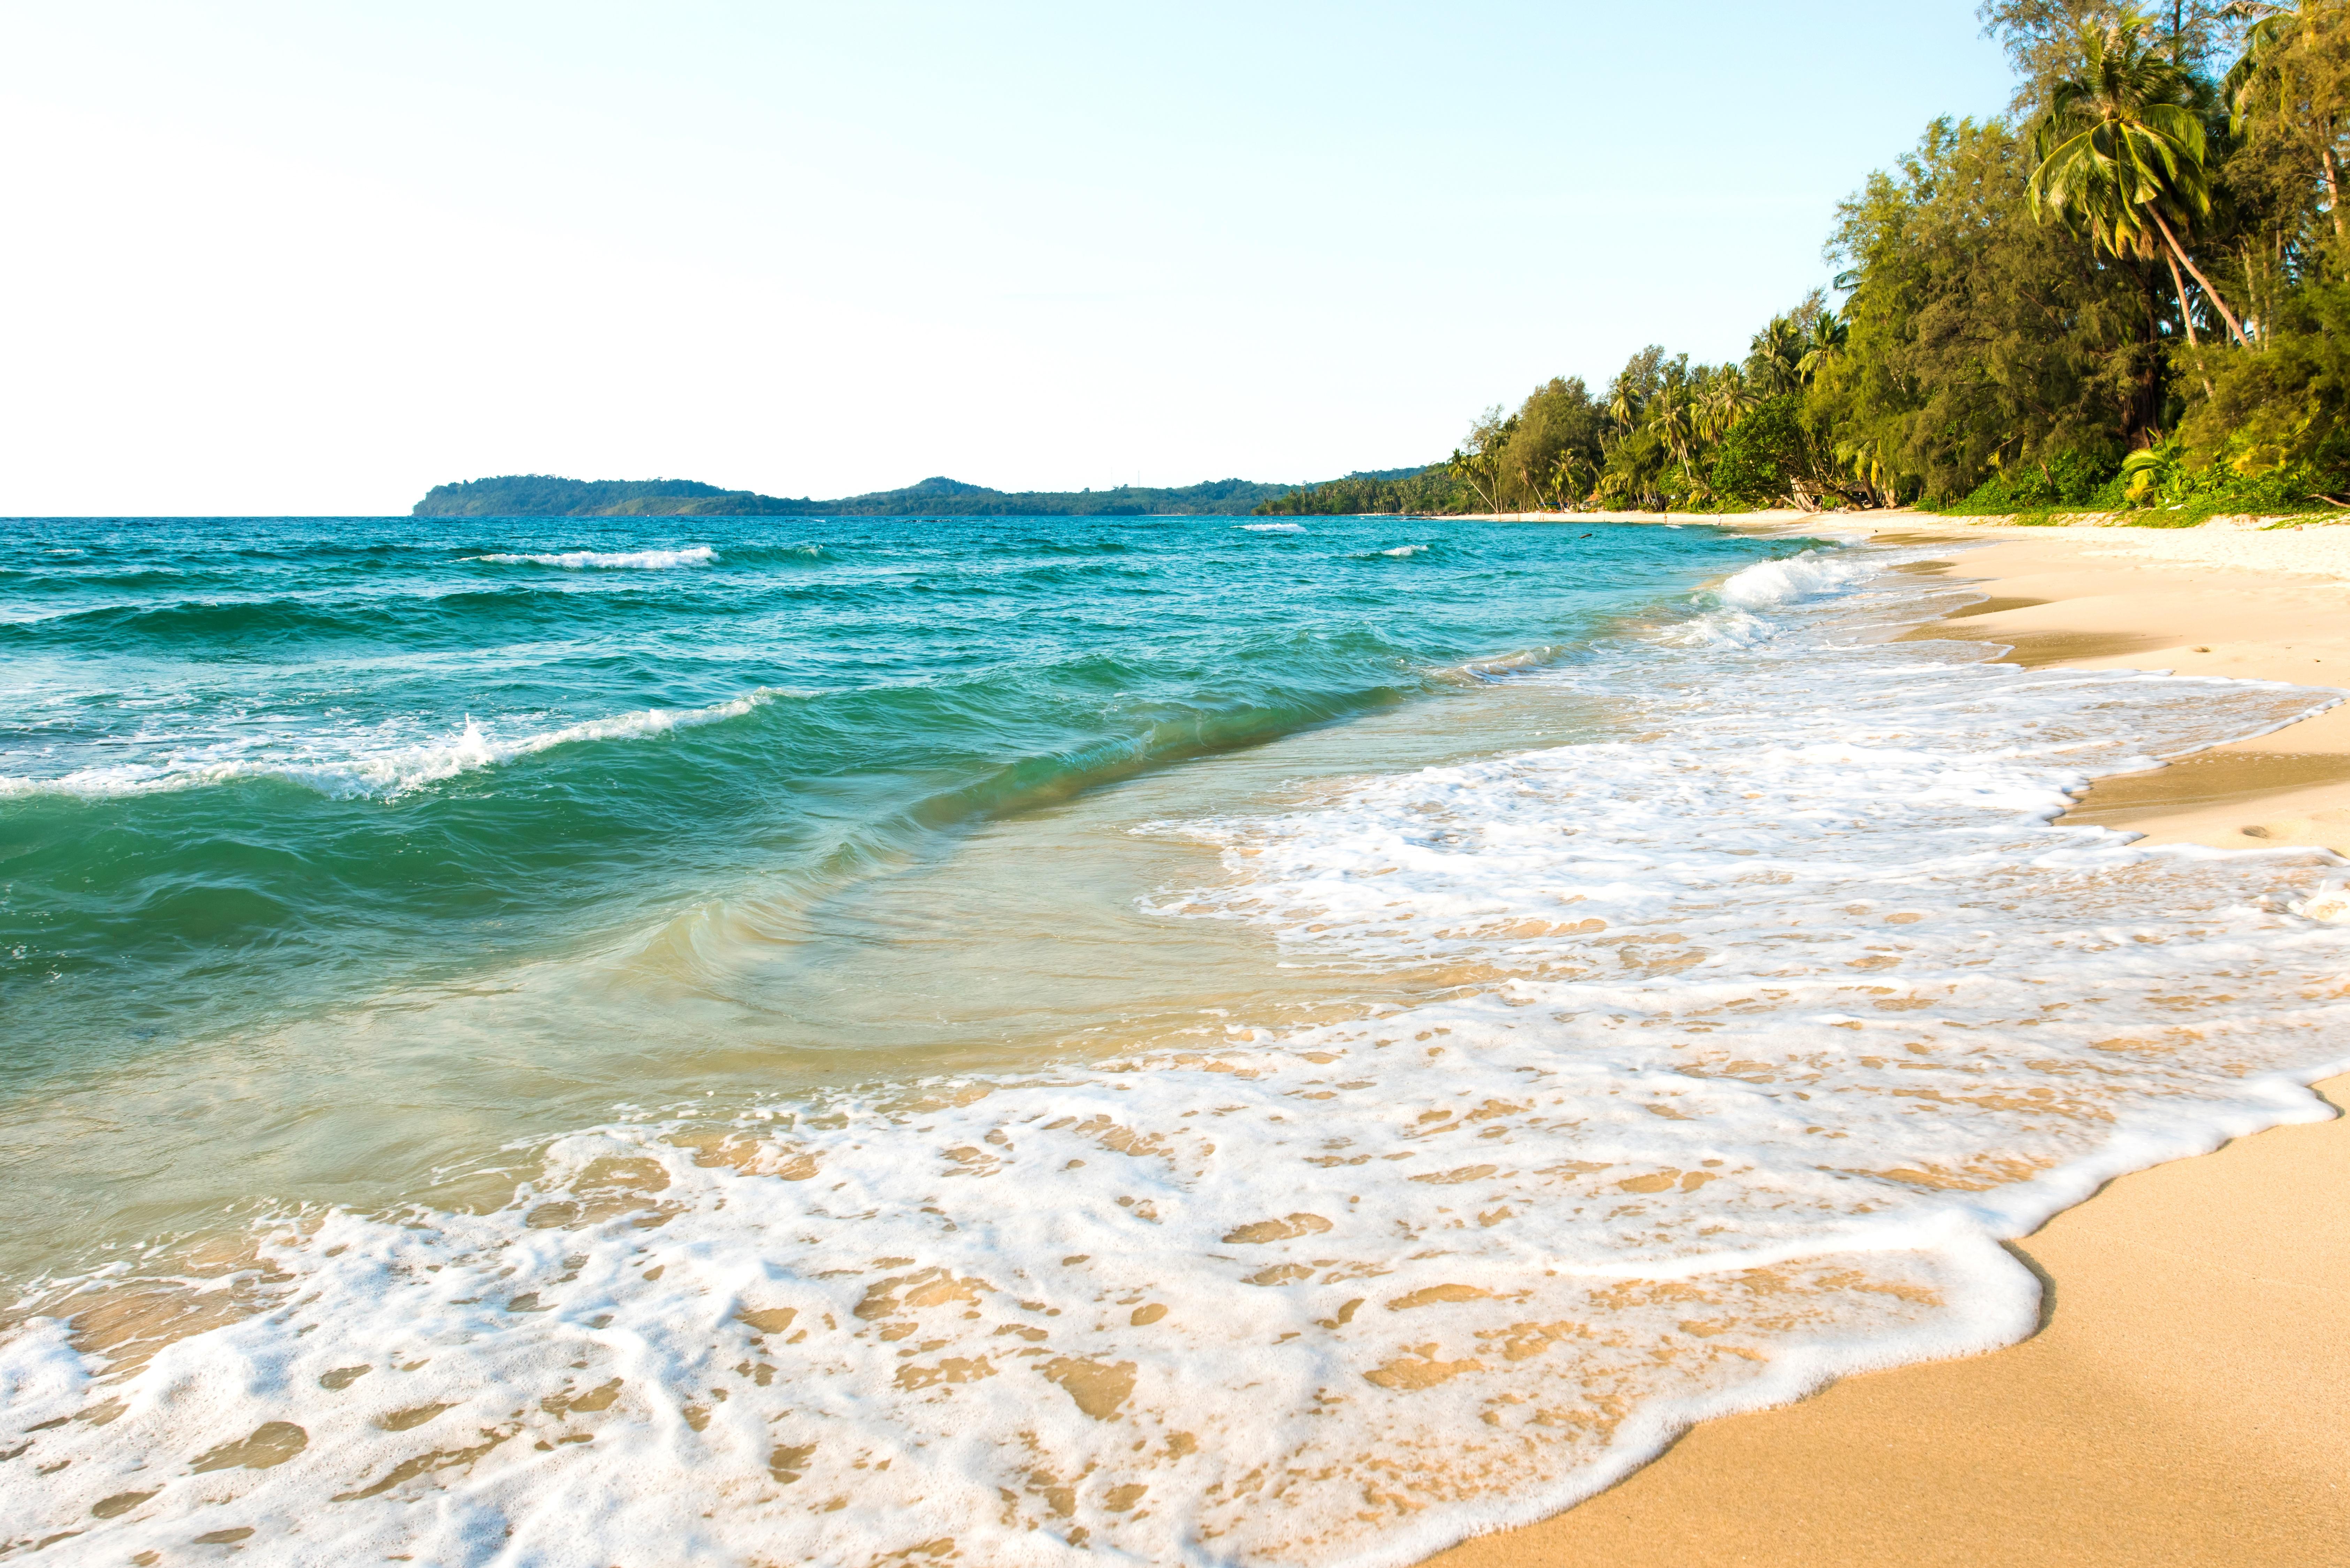 картинки песчаного берега и океана потом пробежимся подготовке